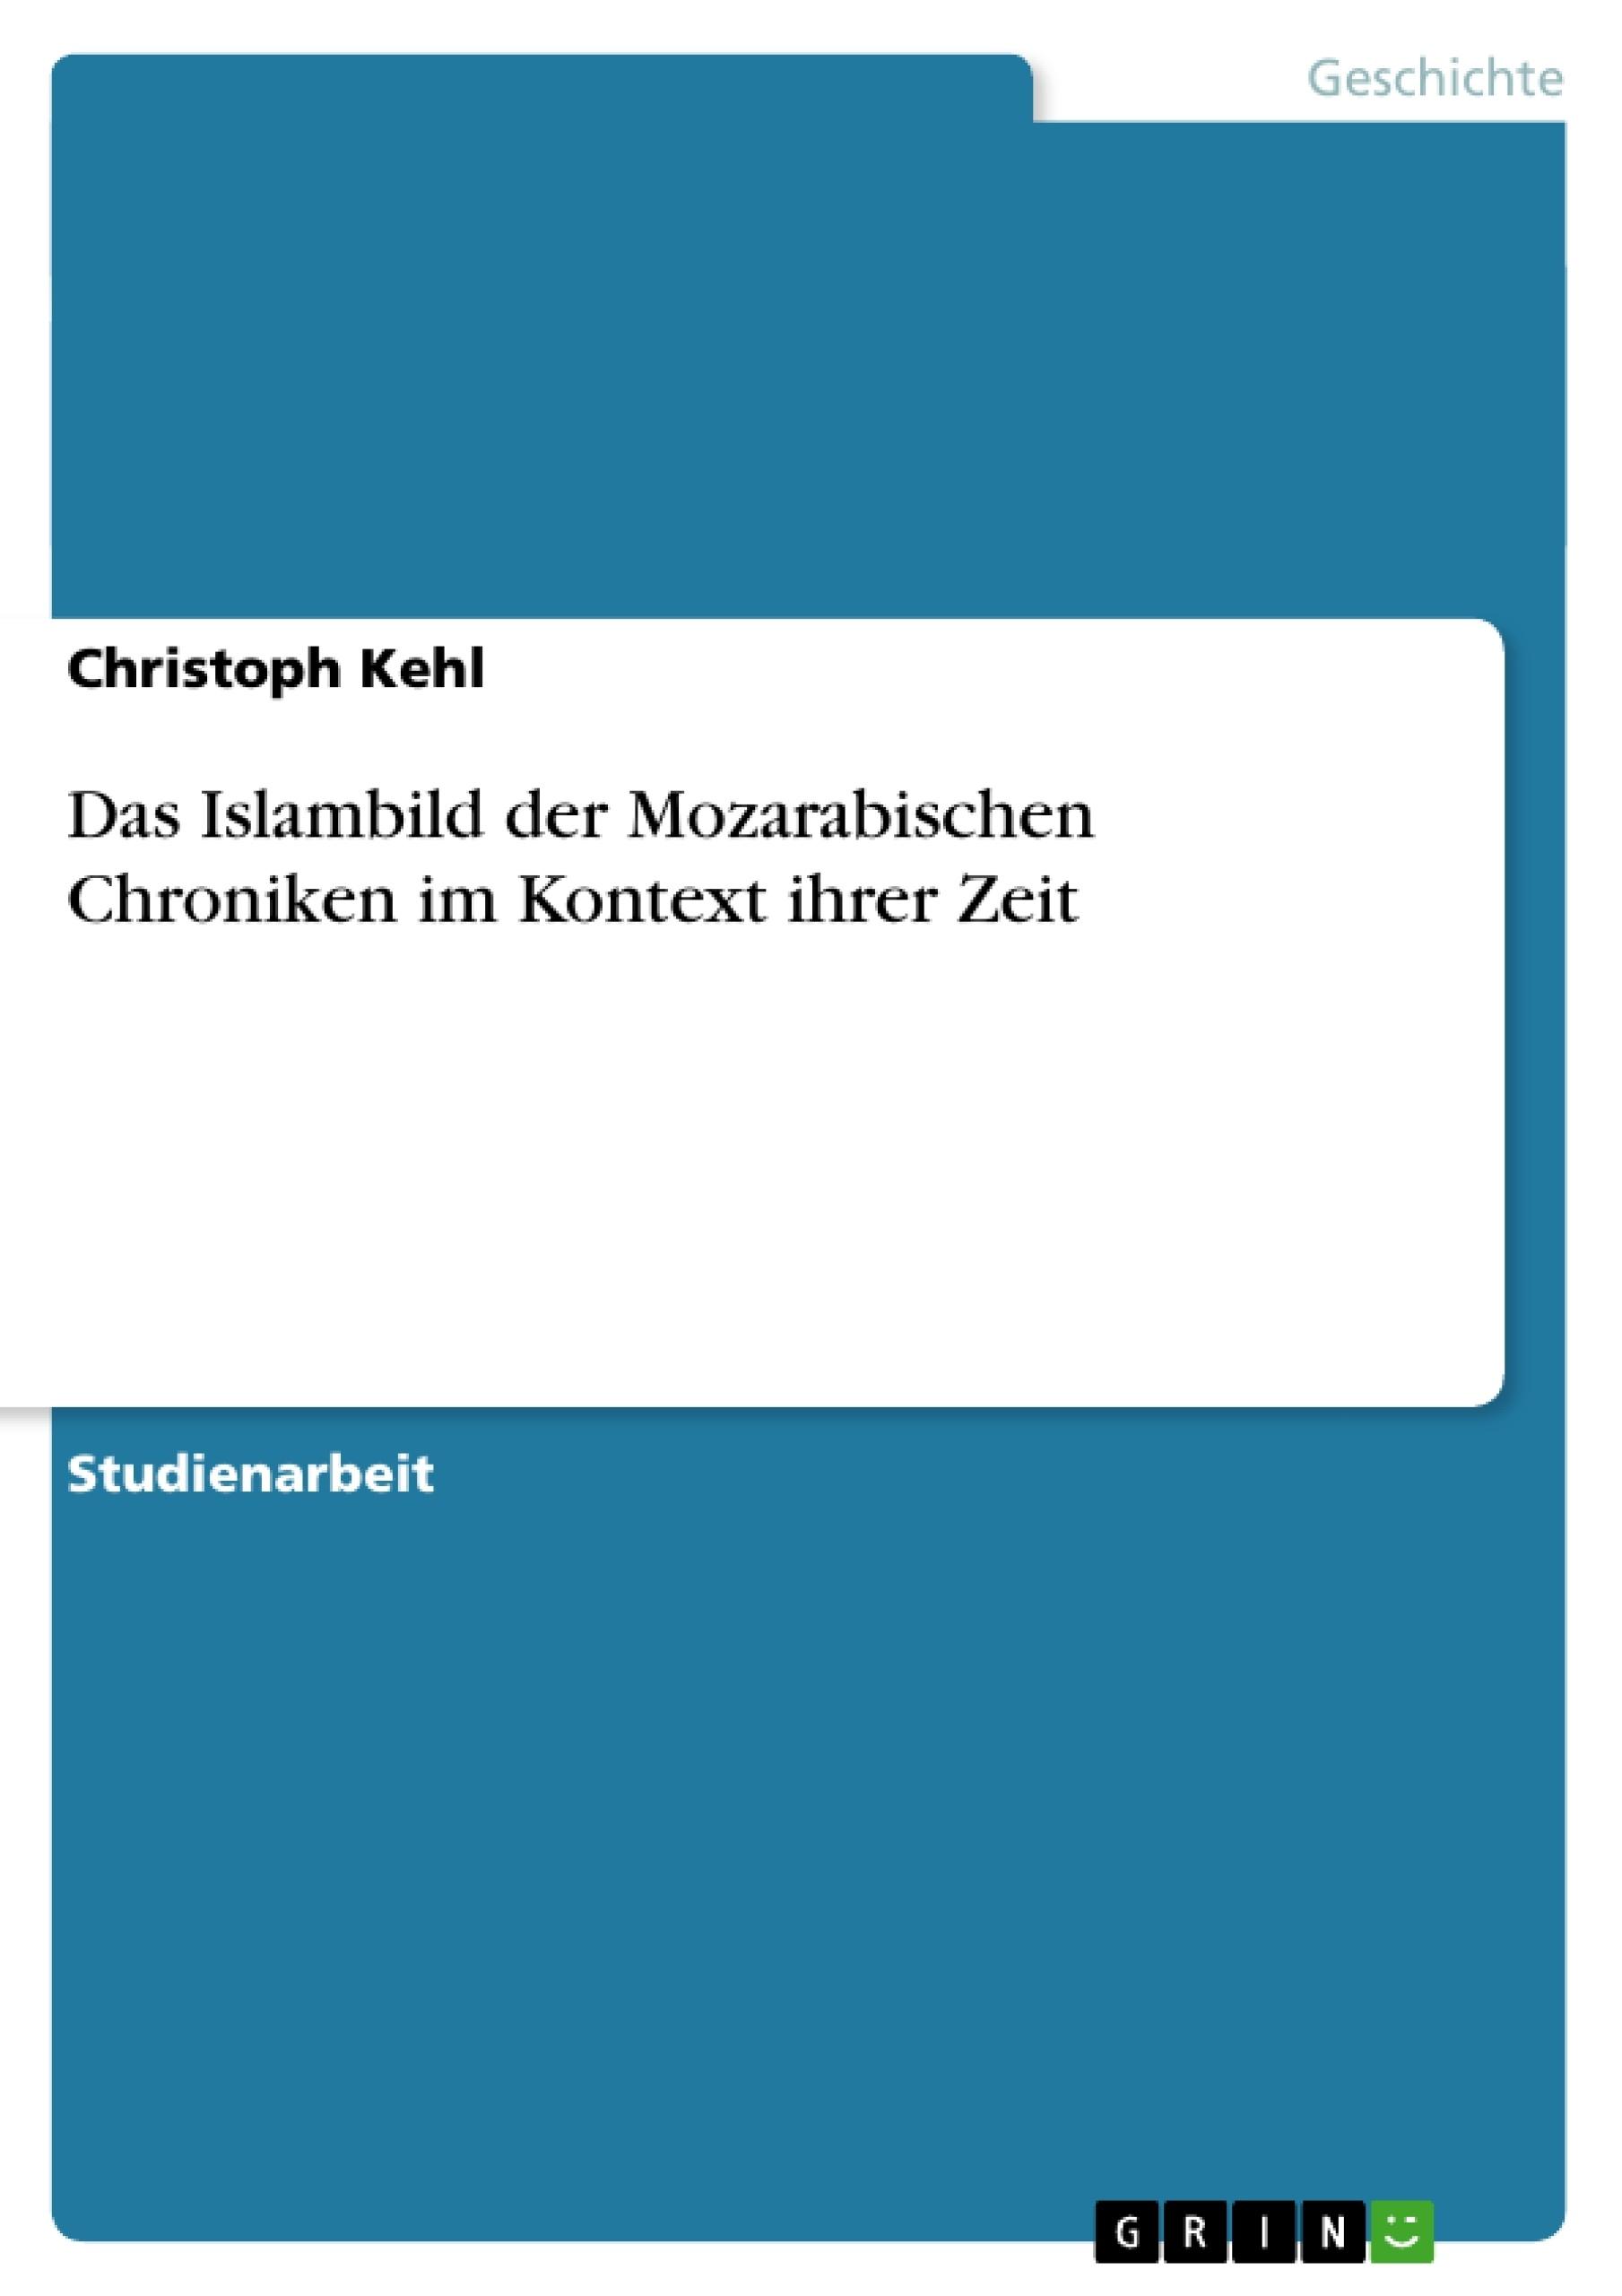 Titel: Das Islambild der Mozarabischen Chroniken im Kontext ihrer Zeit